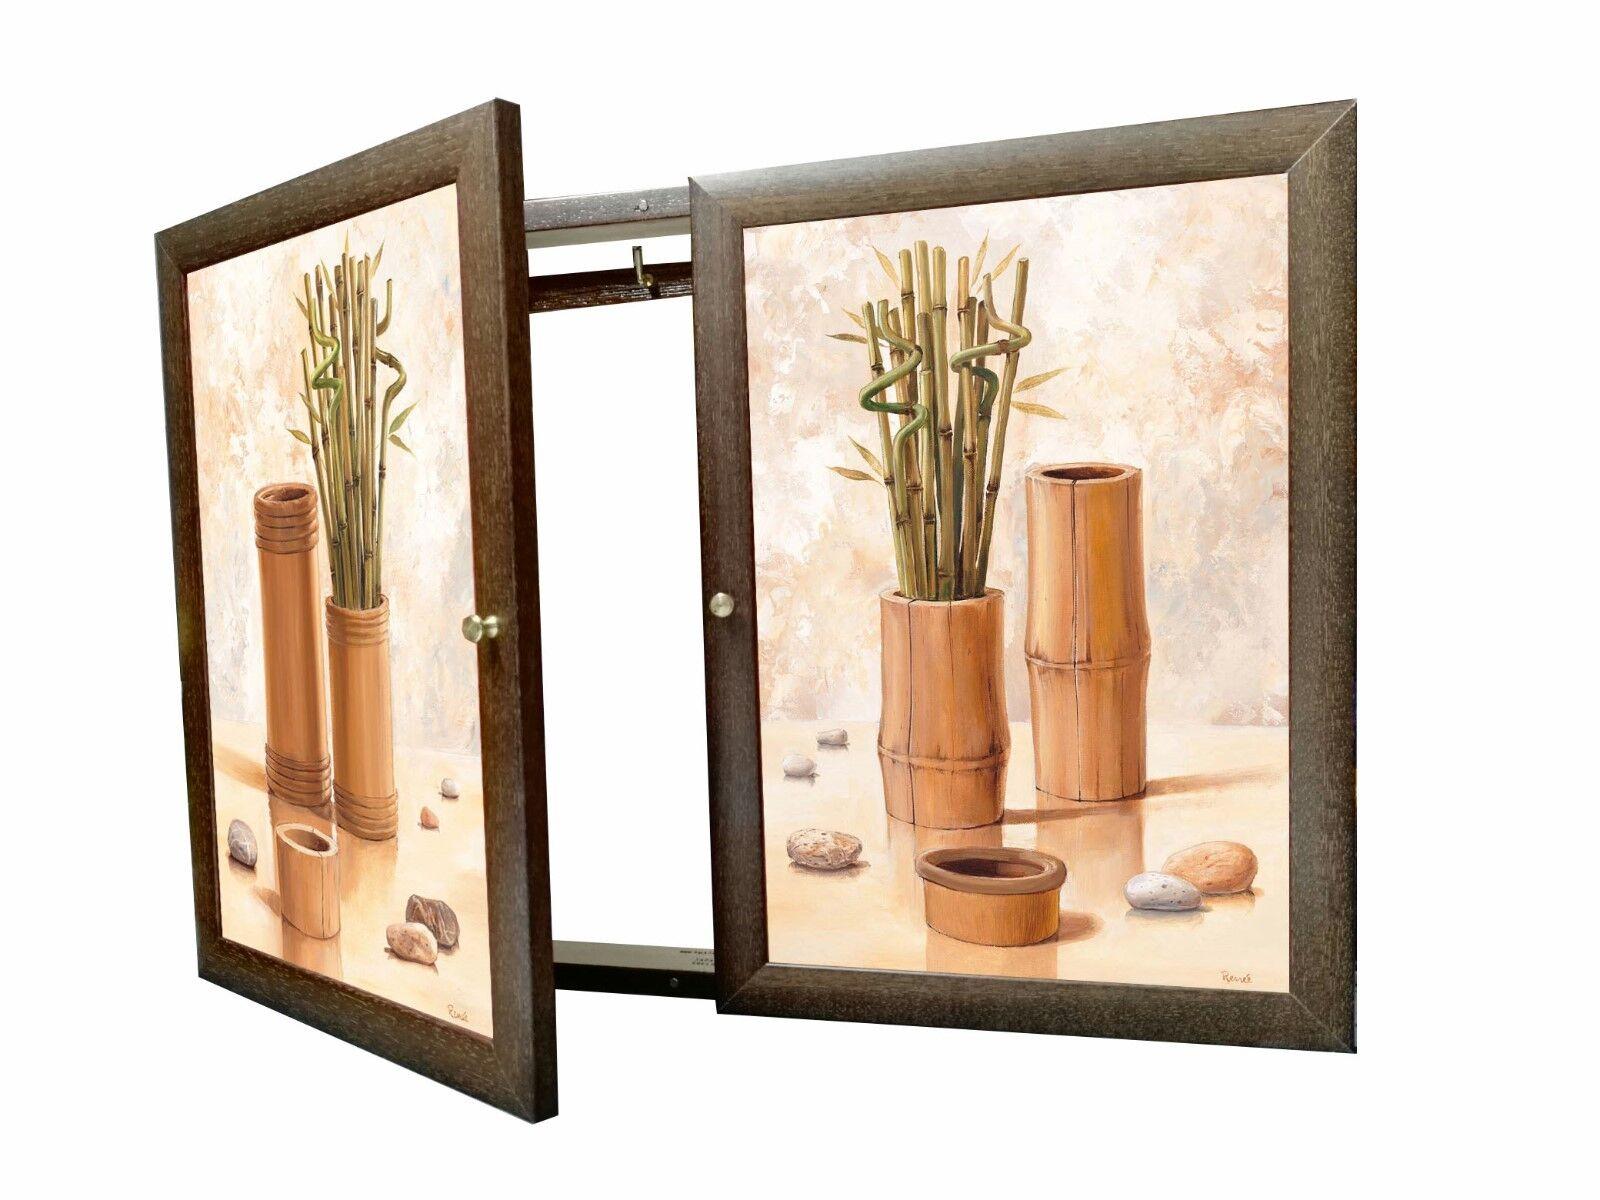 Tapa contador cuadro de luz Moldura c cuelga llaves 2 puertas,m ext.34X48X5'7 cm